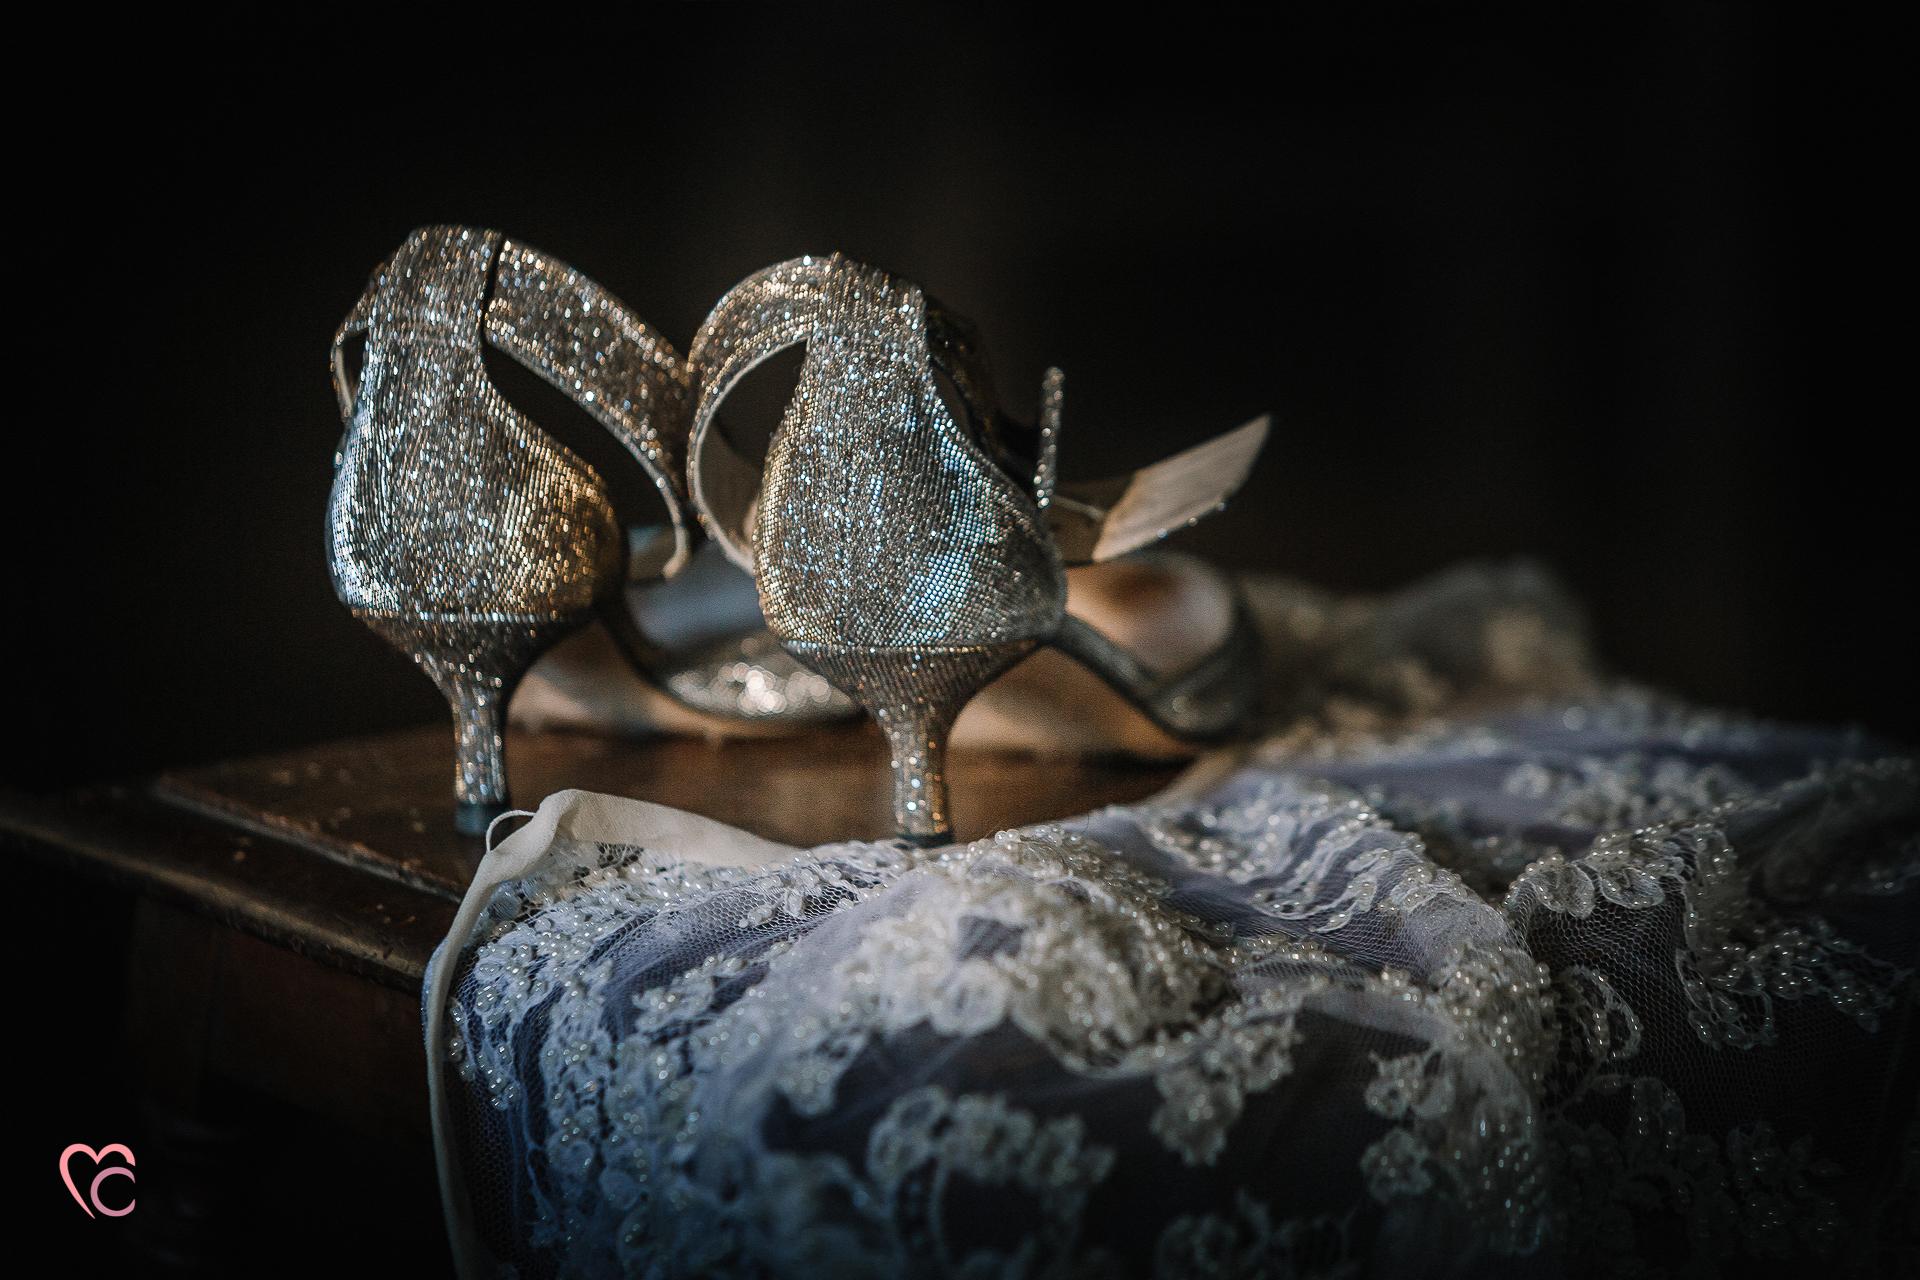 sposa eterea, cherry blossom inspirations, Mulino della torre,Riva presso Chieri, primavera, fiori di ciliegio,bouquet,scarpe,chiaroscuro